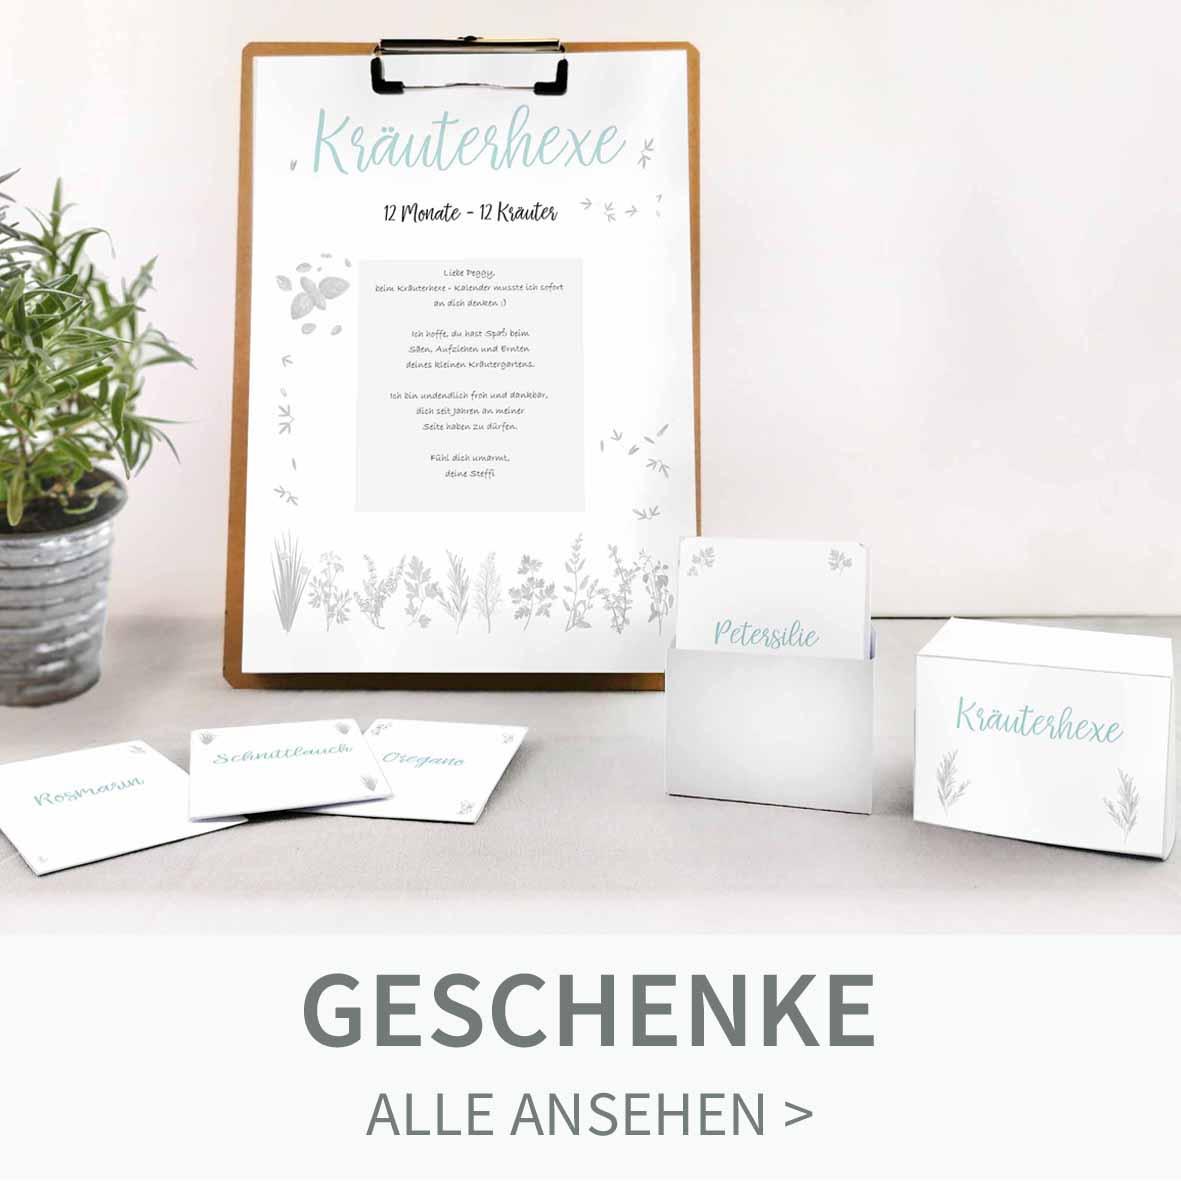 Drucke und Bastle originelle und kreative Geburtstagsgeschenke